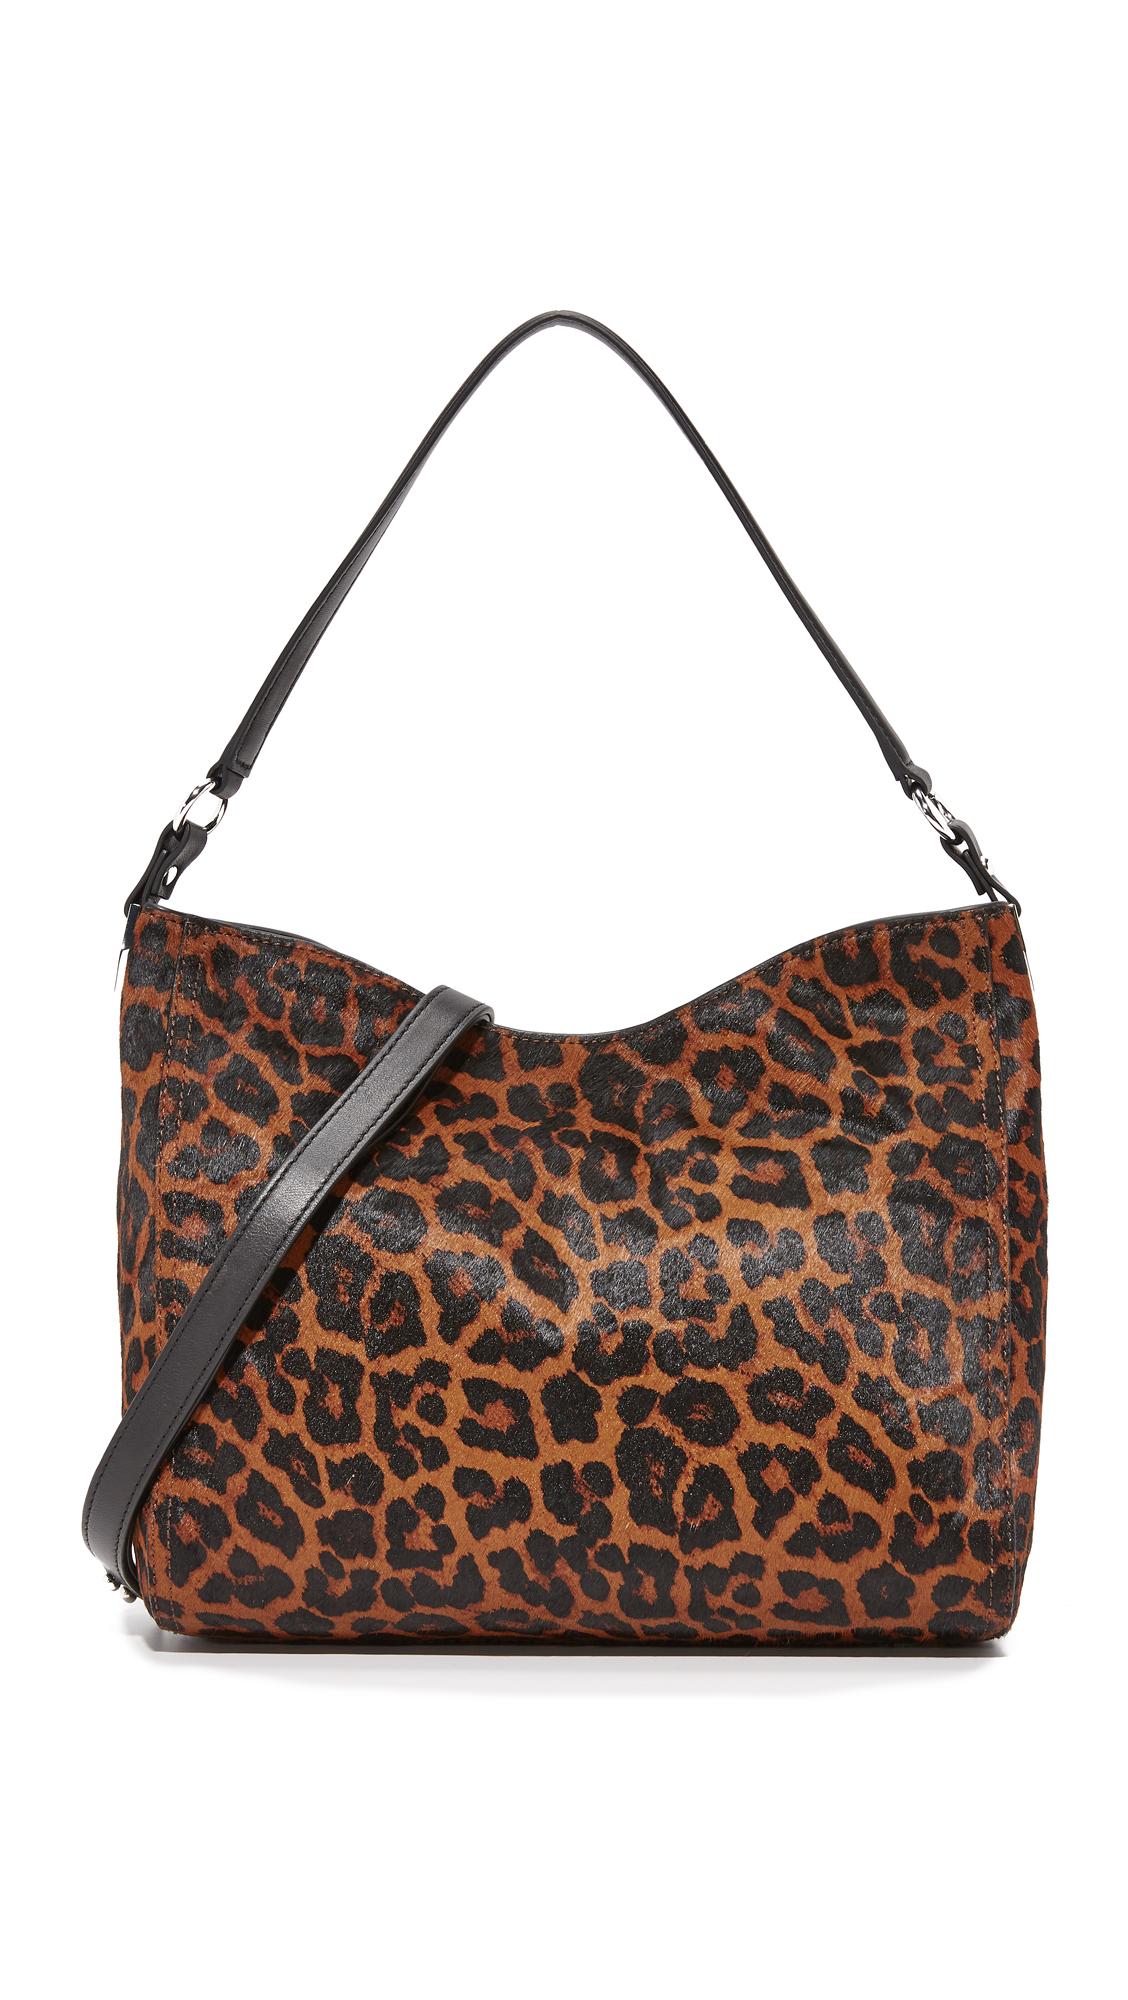 Loeffler Randall Mini Hobo Bag - Leopard/Black